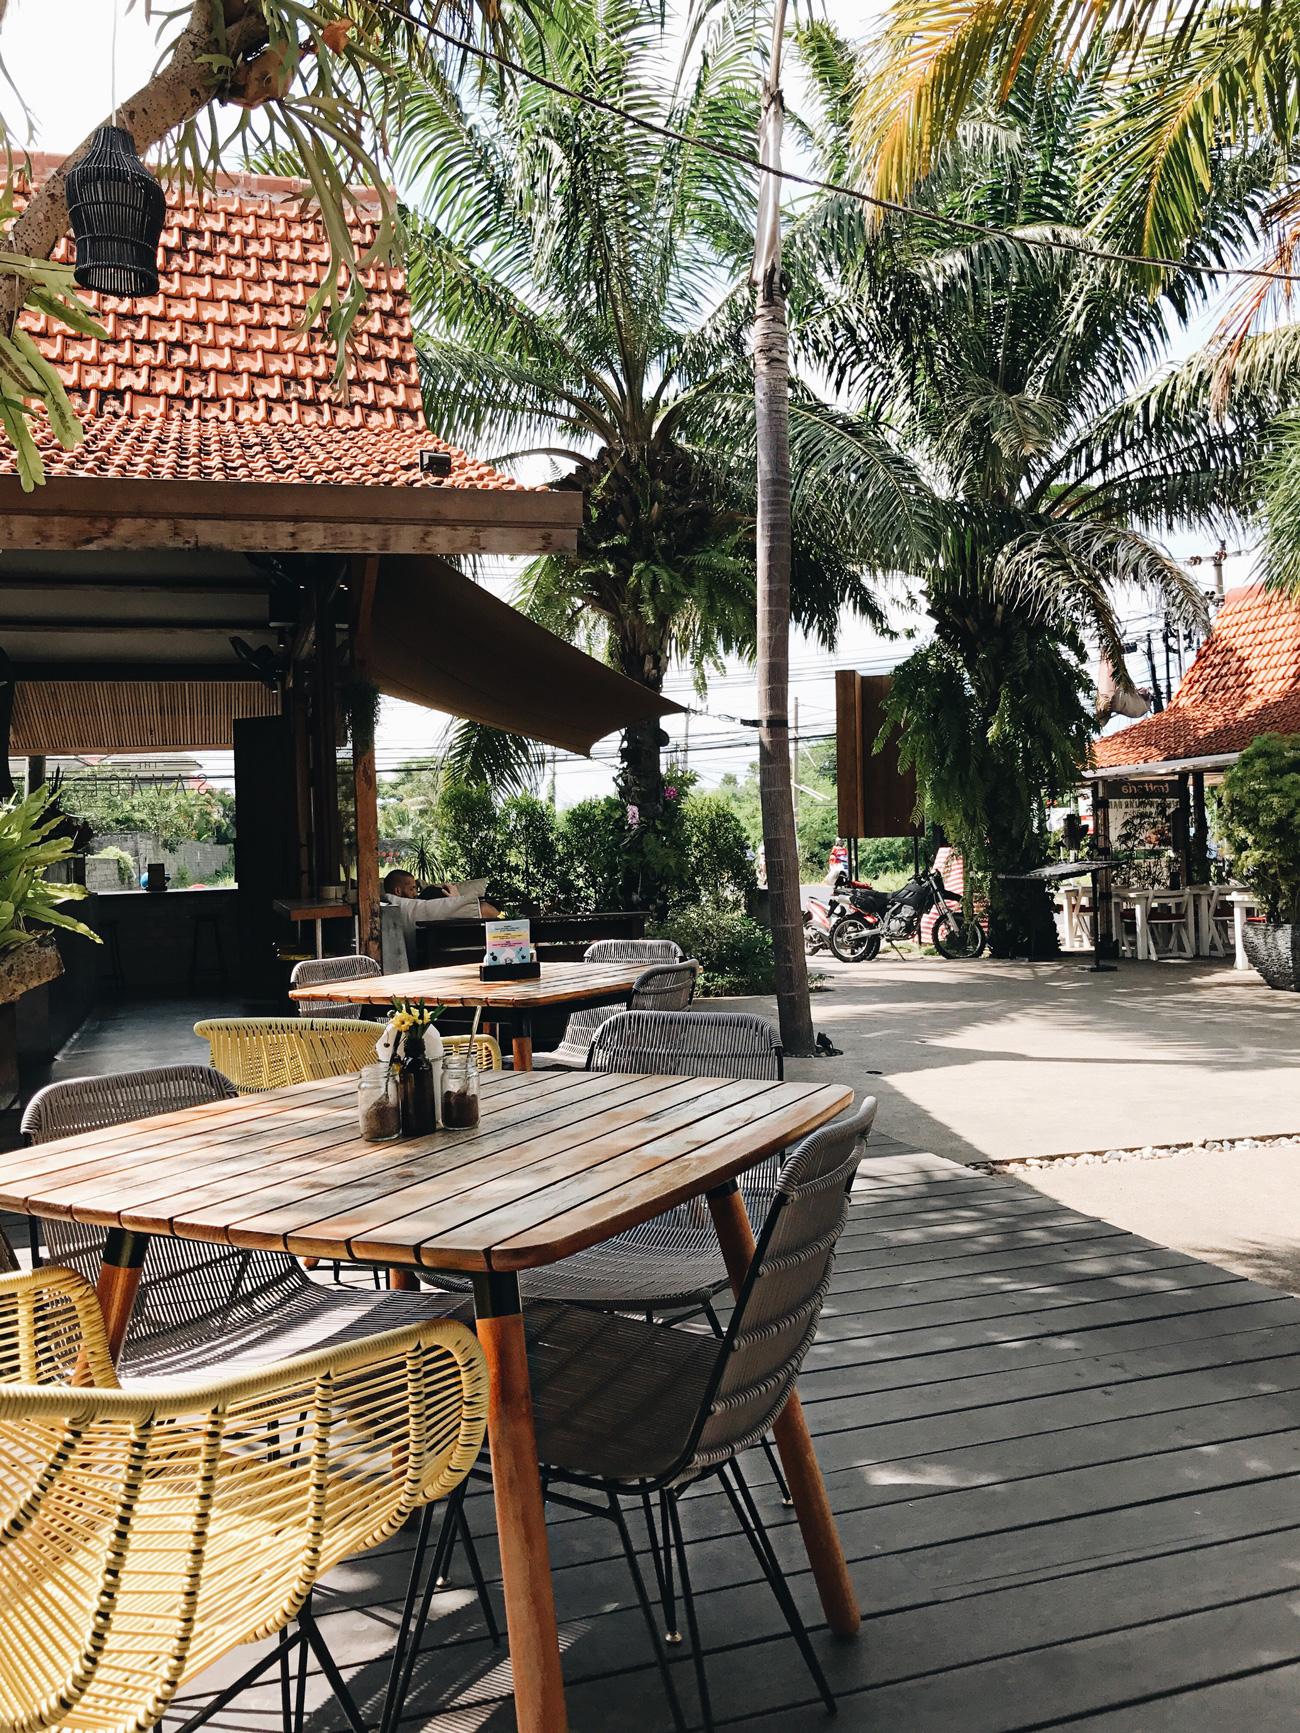 bali food guide die besten fr hst cks caf s und restaurants auf bali. Black Bedroom Furniture Sets. Home Design Ideas